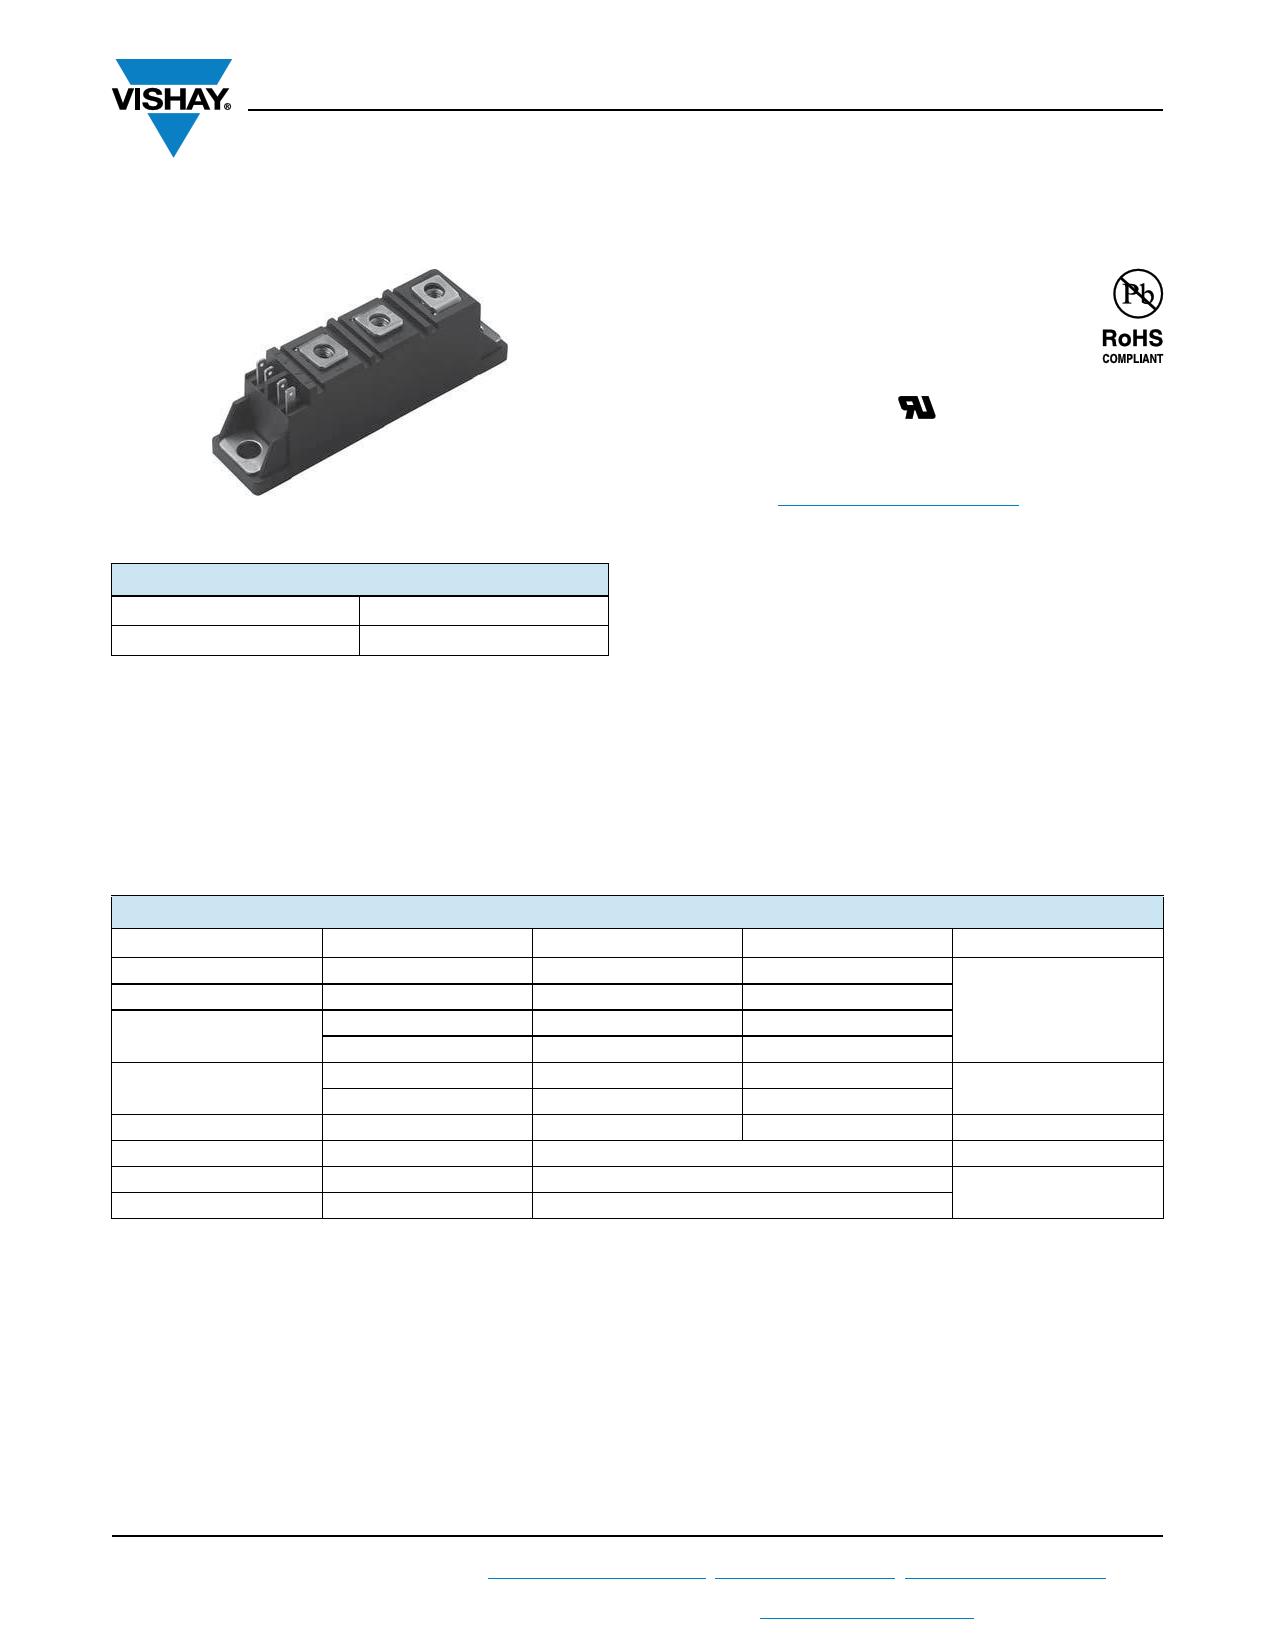 VSKH57-14S90P Datasheet, VSKH57-14S90P PDF,ピン配置, 機能